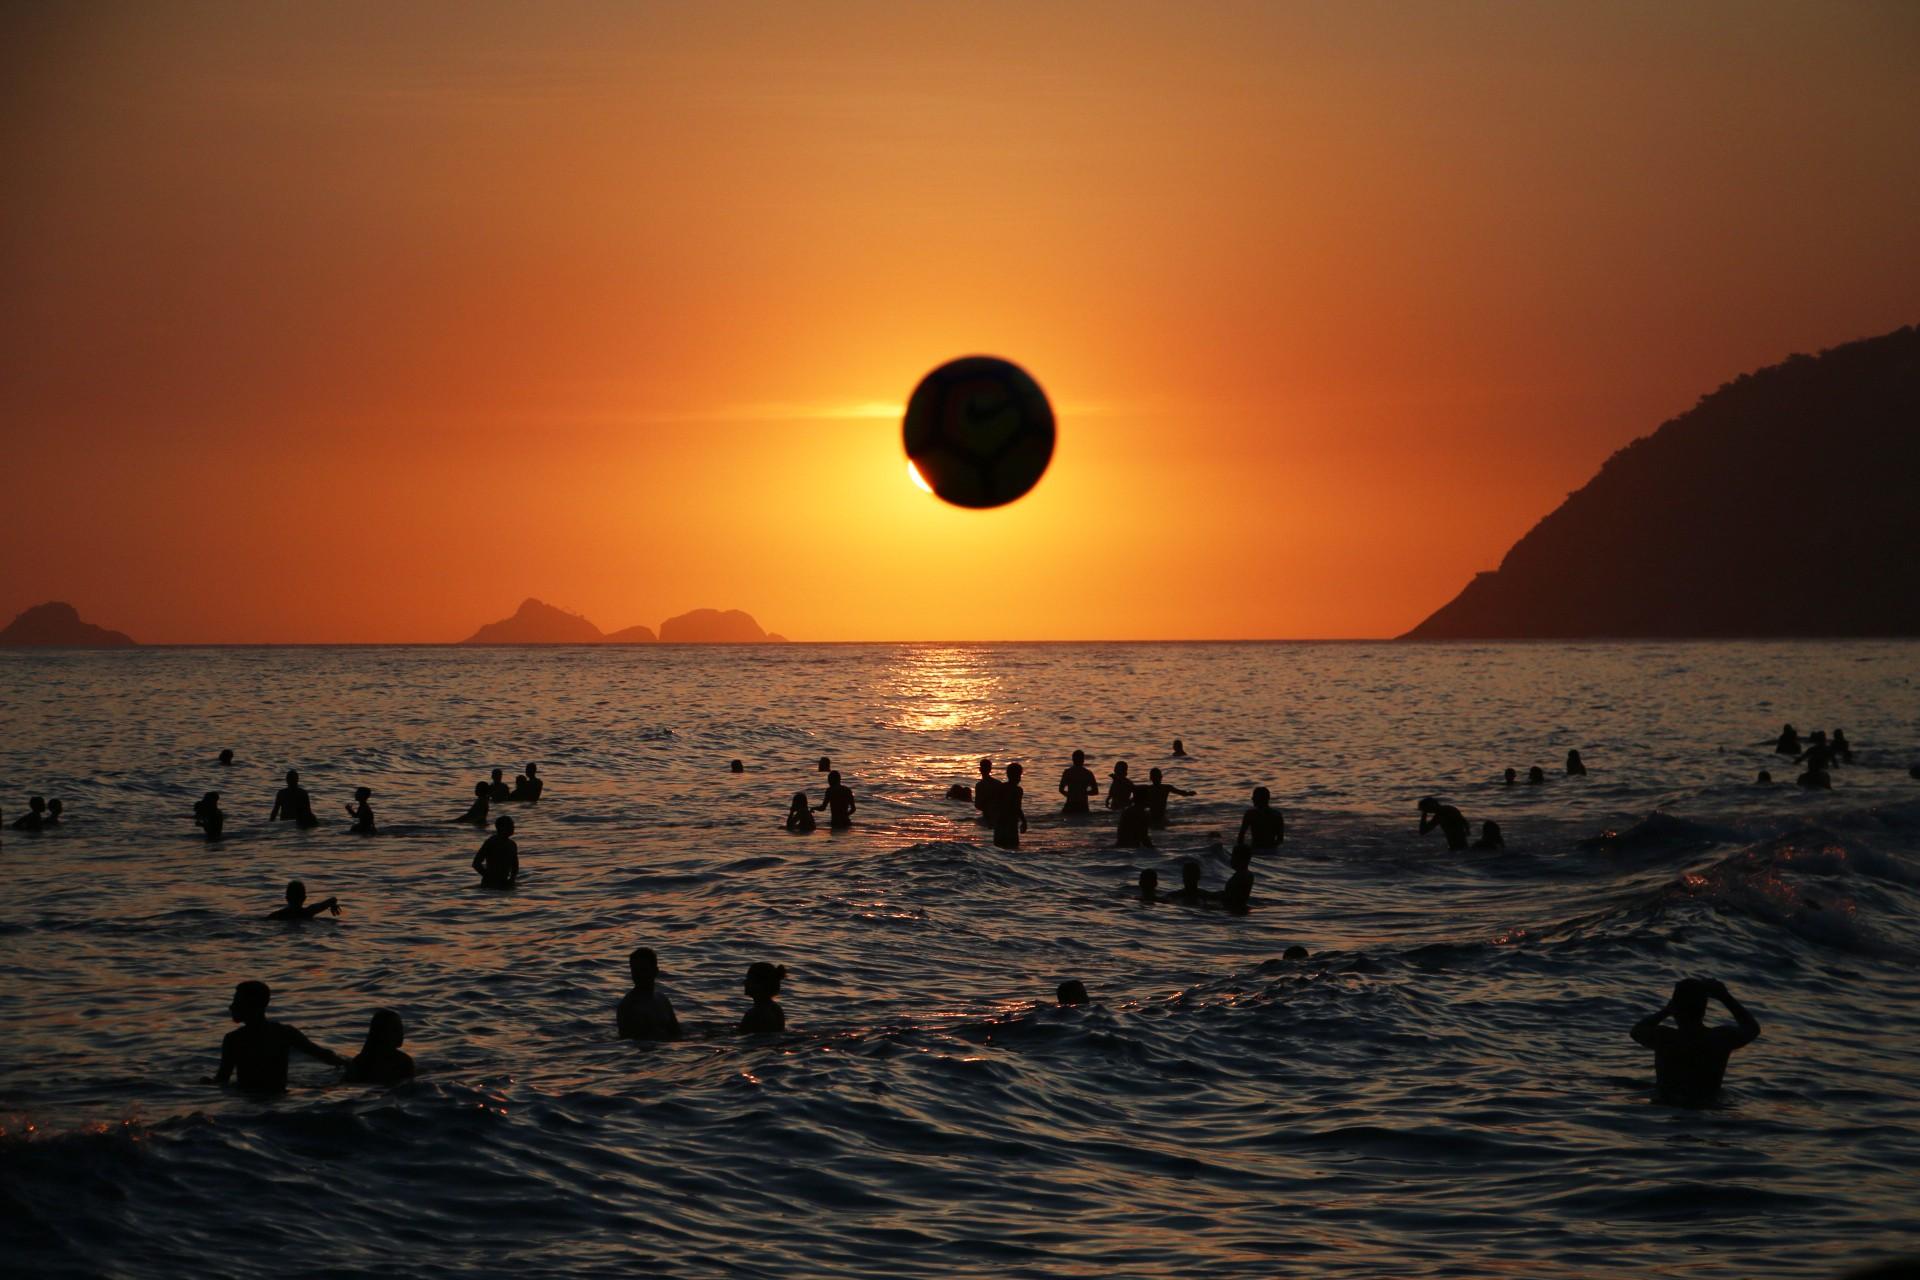 Rio tem 4º pôr do sol mais bonito do mundo e é o mais postado em rede social, aponta pesquisa thumbnail